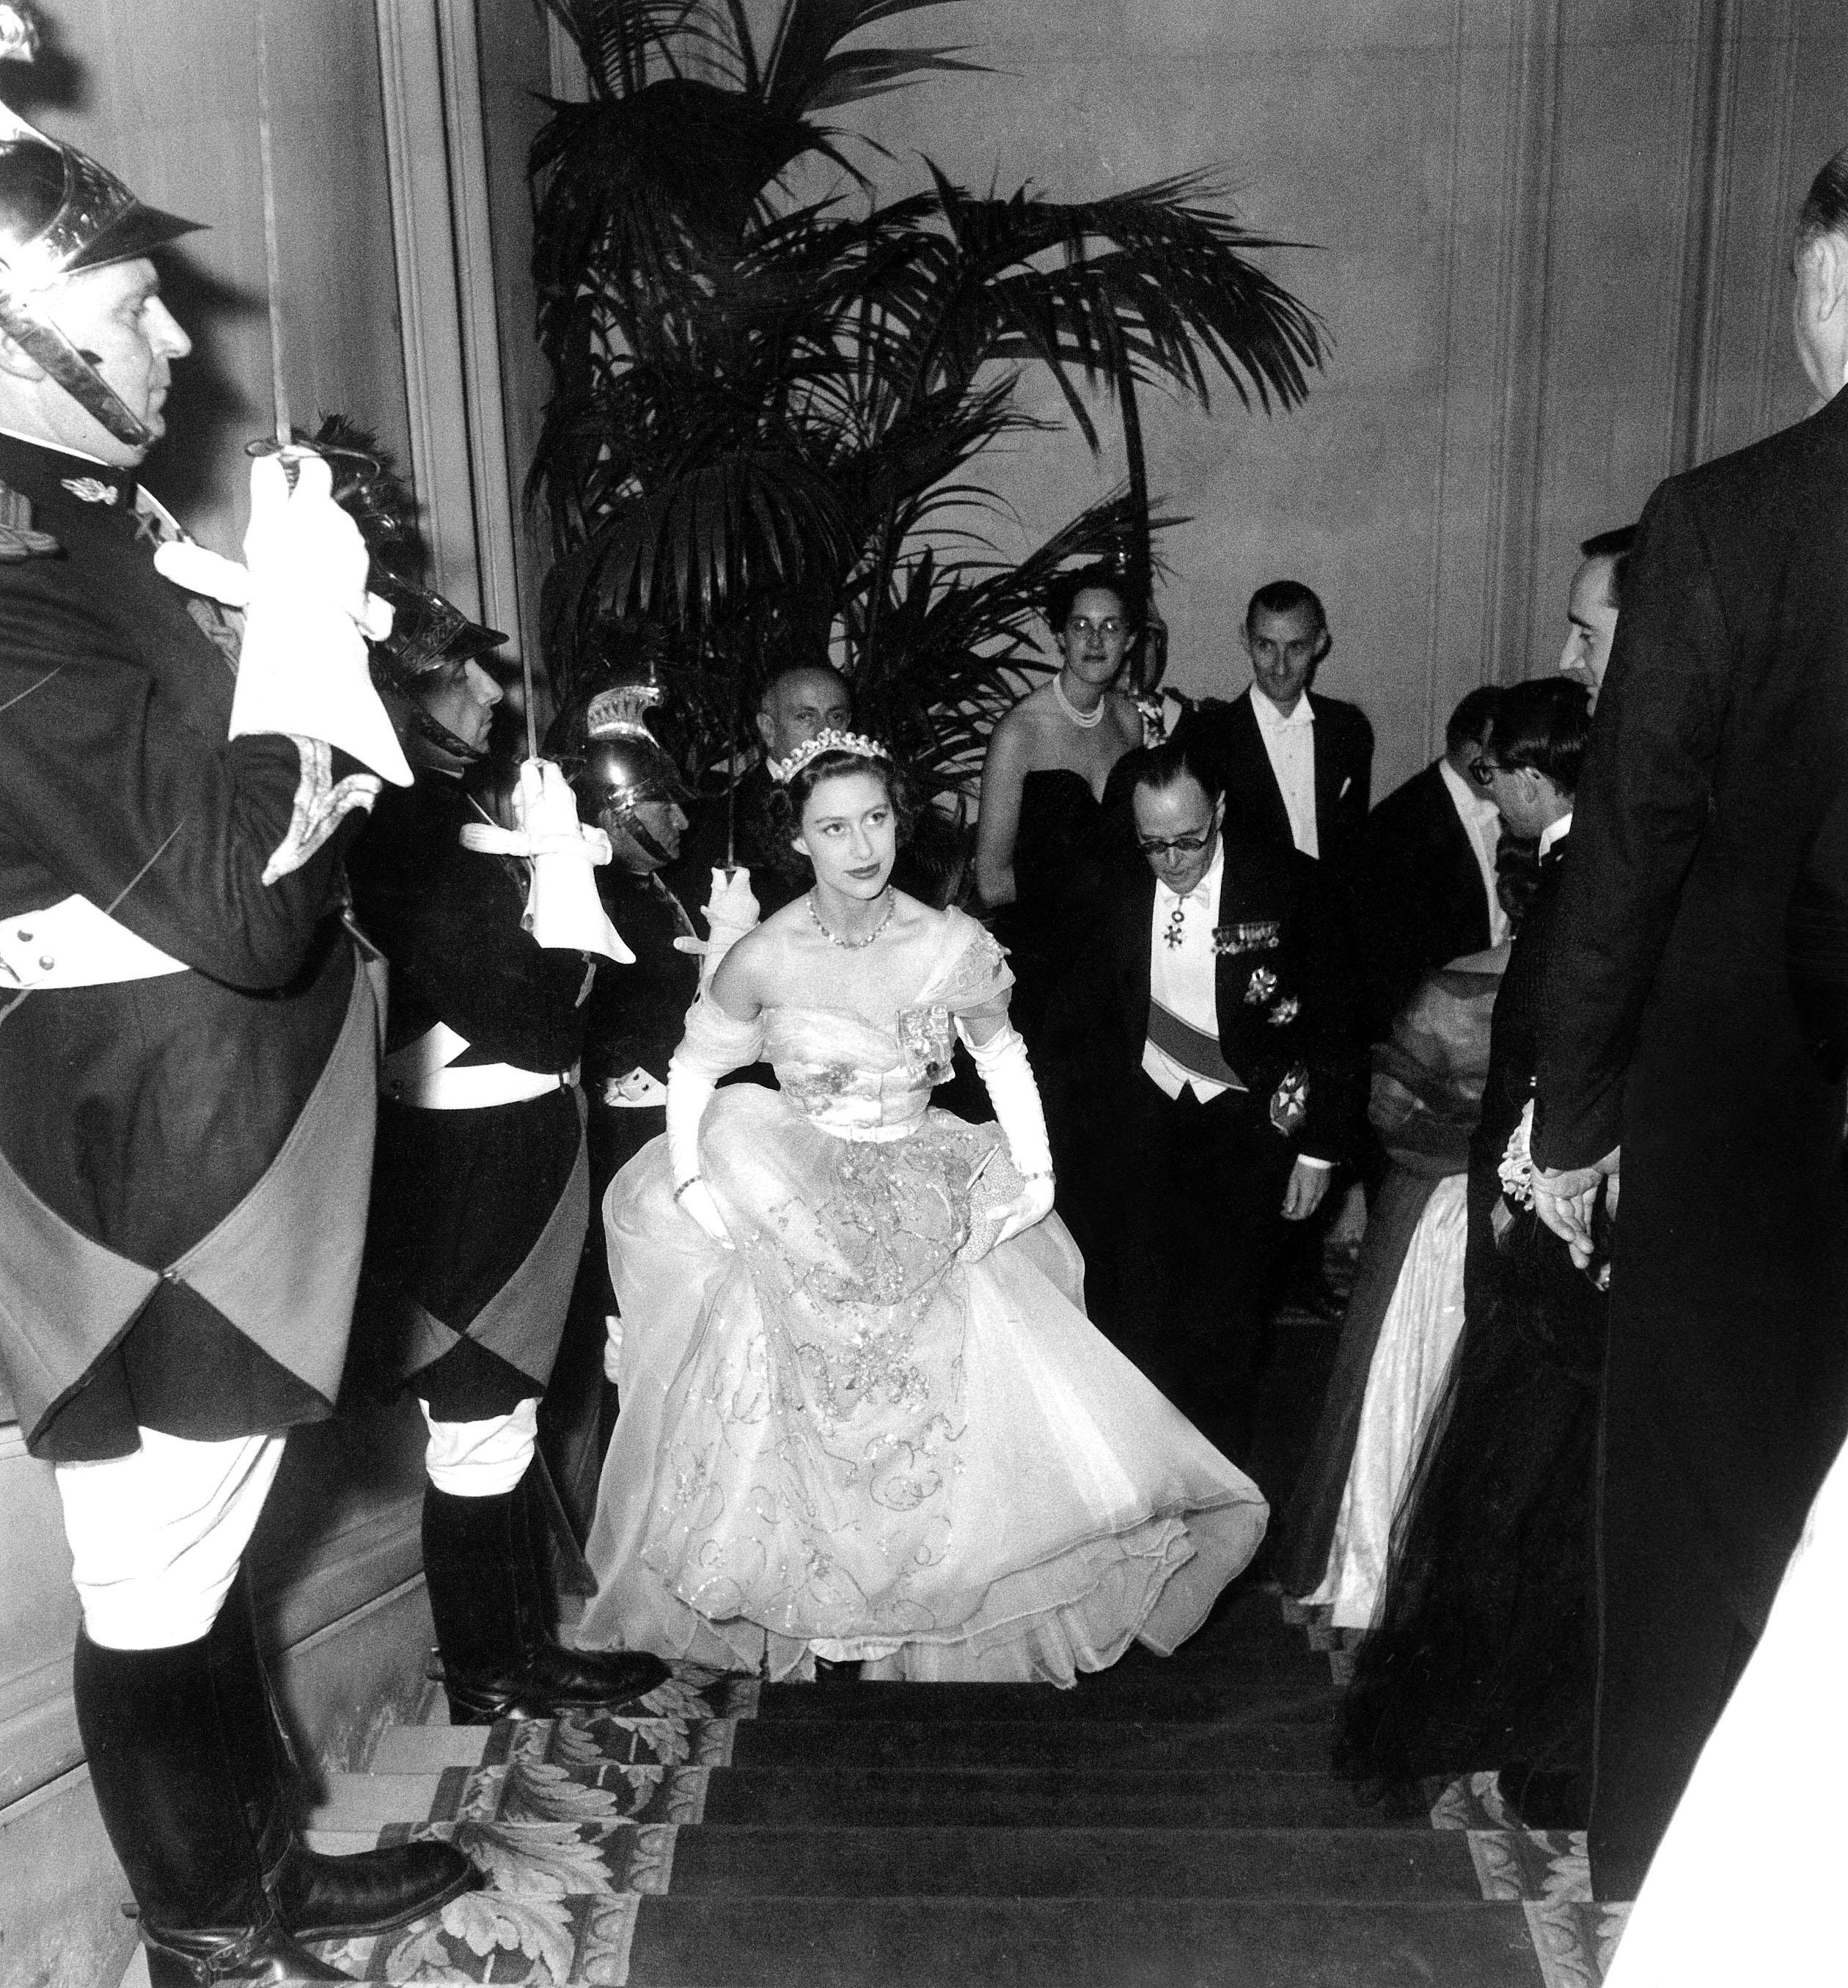 La princesse Margaret d'Angleterre accompagnee de Sir Oliver Harvey lors d'un voyage a Paris saluee par la garde republicaine lors de son arrivee au bal du Cercle Interallie au benefice du British Hertford Hospital le 21 novembre  1951  (elle porte le diademe en diamants Cartier que portera KateMiddleton pour son mariage en -2011) --- Princess Margaret with Sir Oliver Harvey in Paris arriving at a charity ball November 21, 1951 (diamond tiara by Cartier worn by KateMiddleton for her wedding in -2011)